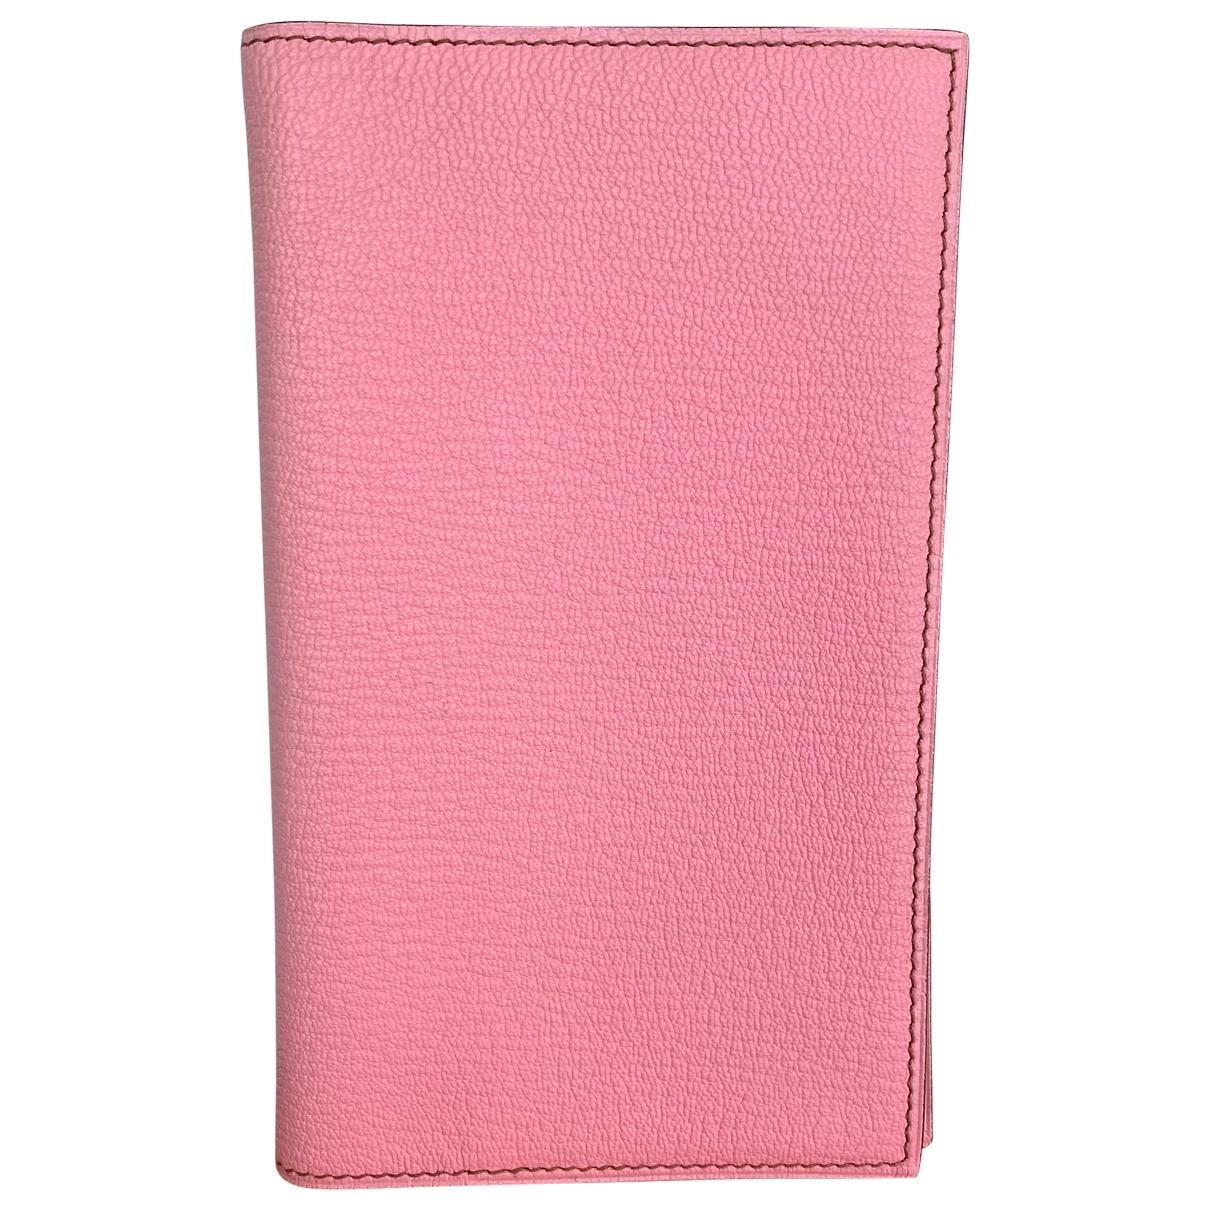 Hermes - Objets & Deco Vision pour lifestyle en cuir - rose